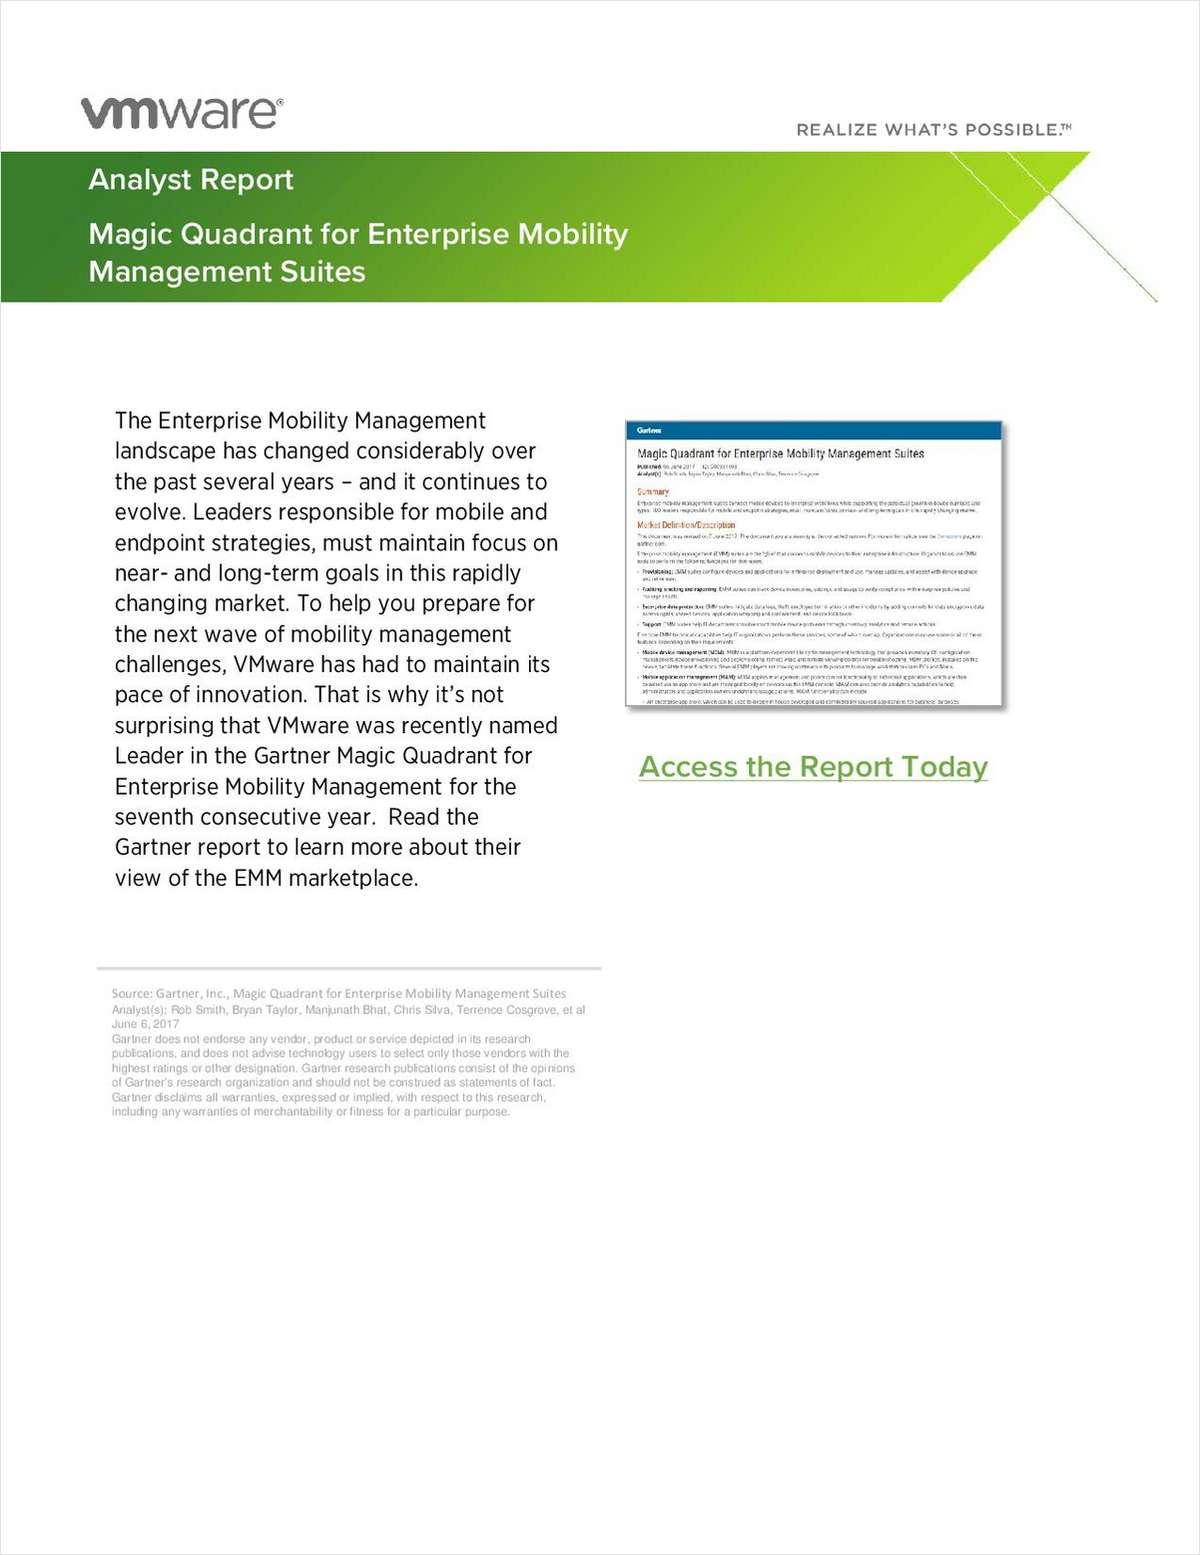 Gartner Magic Quadrant for Enterprise Mobility Management